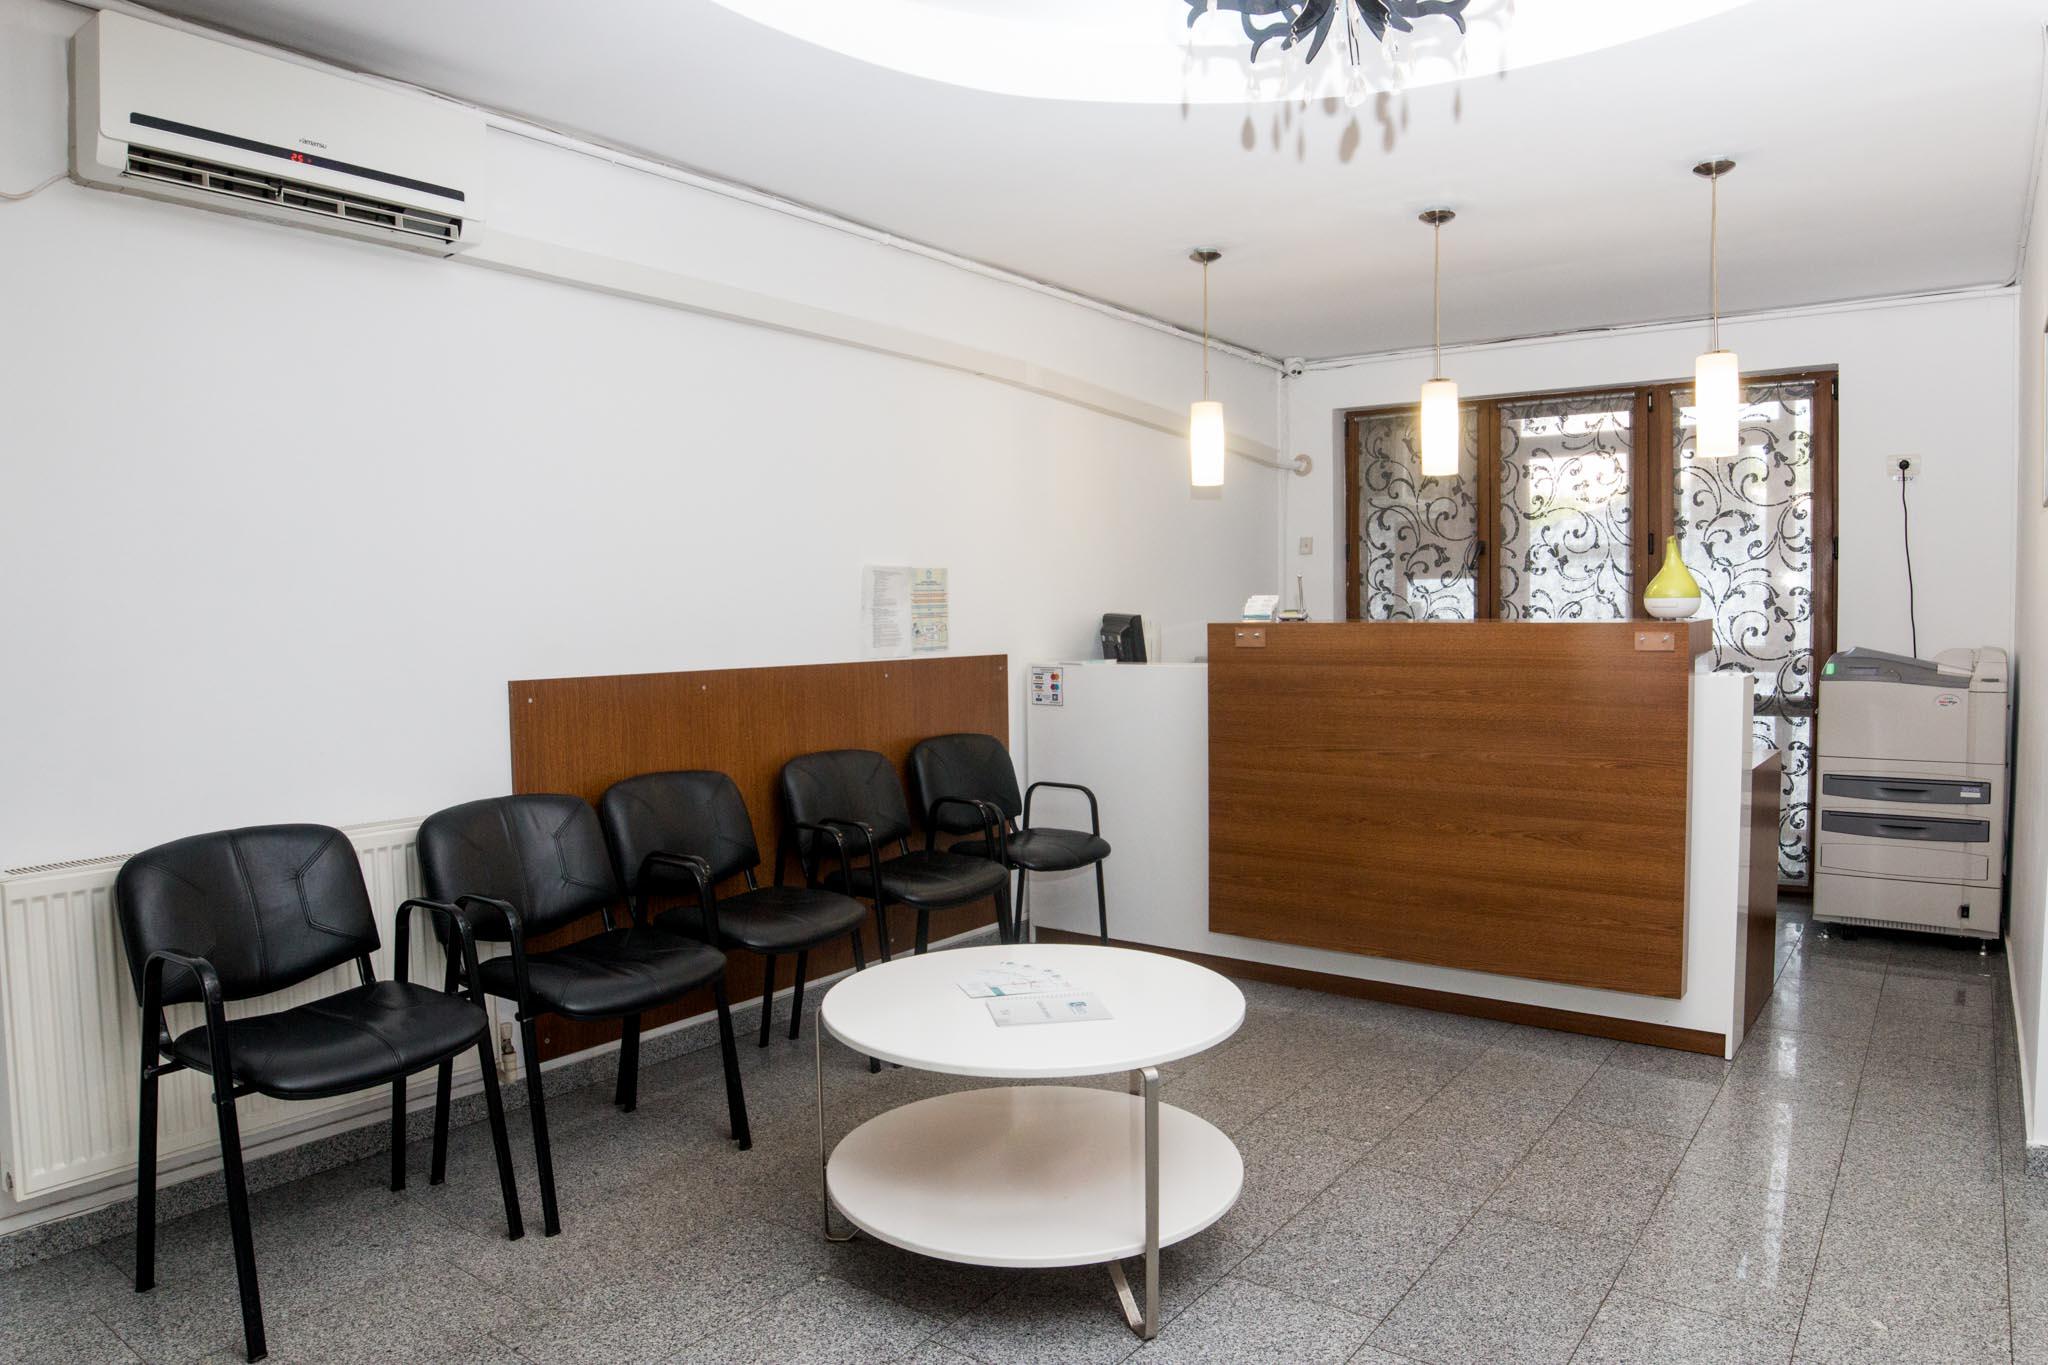 Clinica Q Med Radiologie